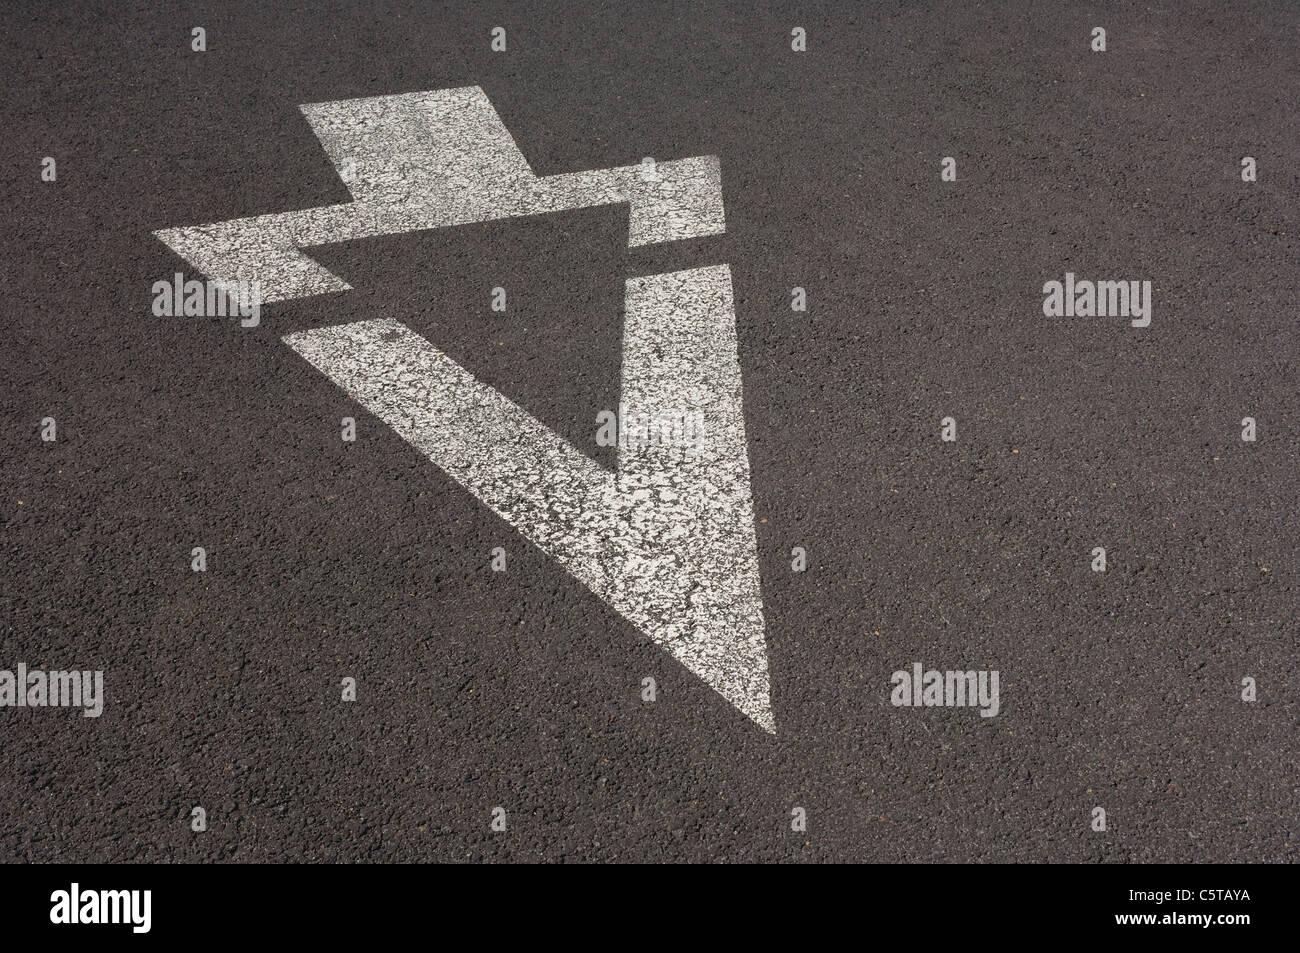 USA, weiße Pfeilzeichen Markierung auf Straße Stockbild